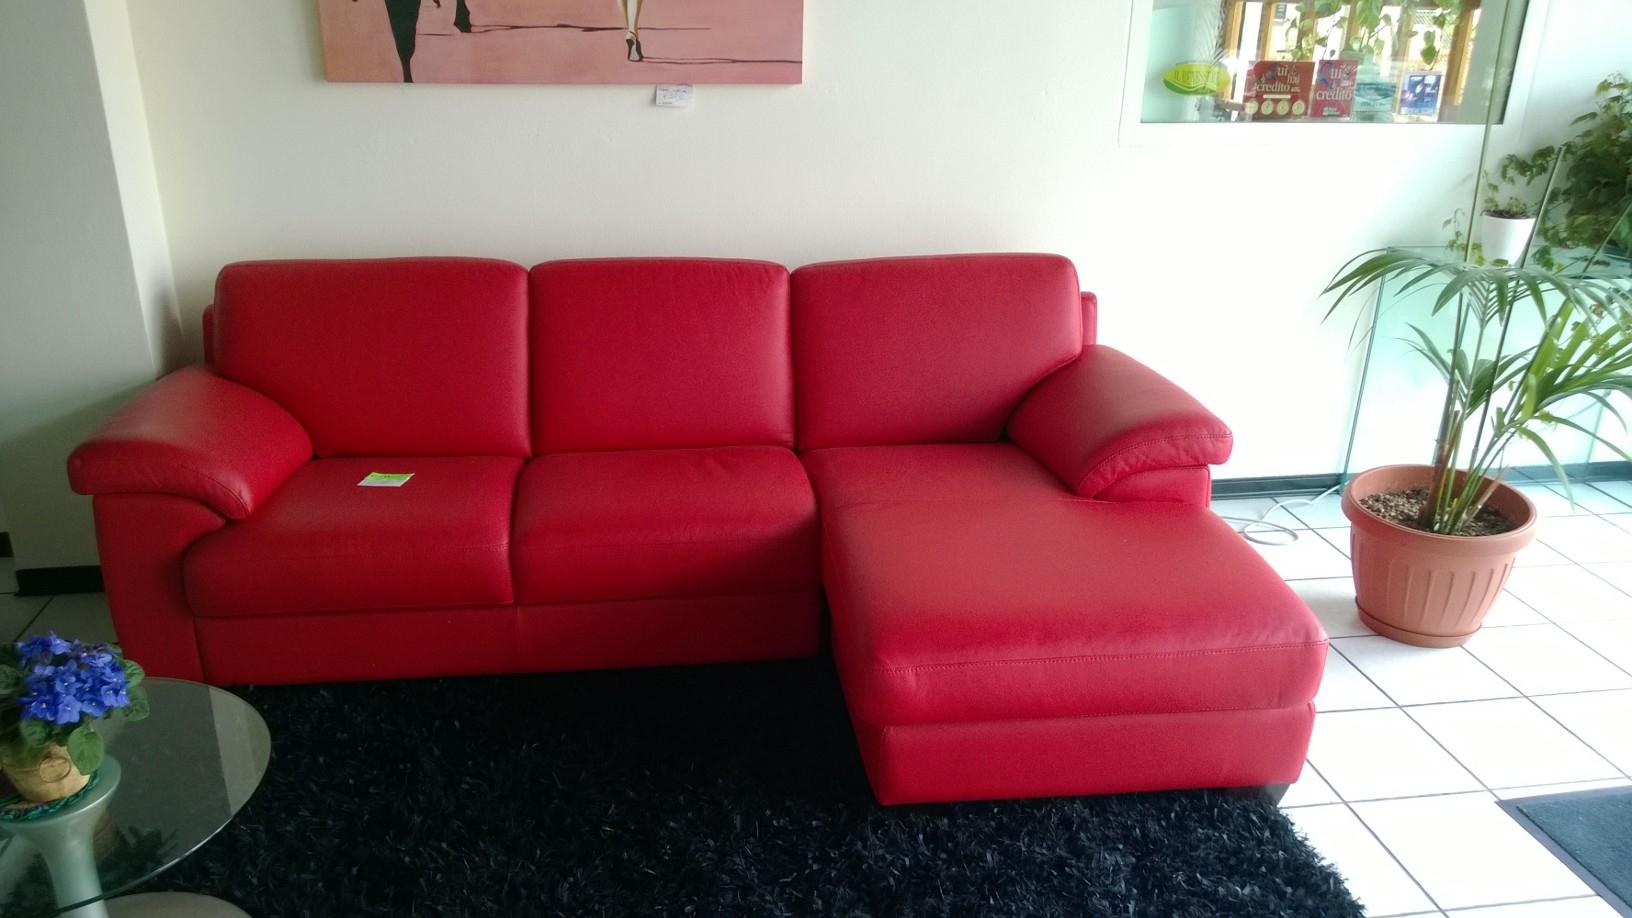 Divano bros sof pelle divani a prezzi scontati - Divani sofa prezzi ...